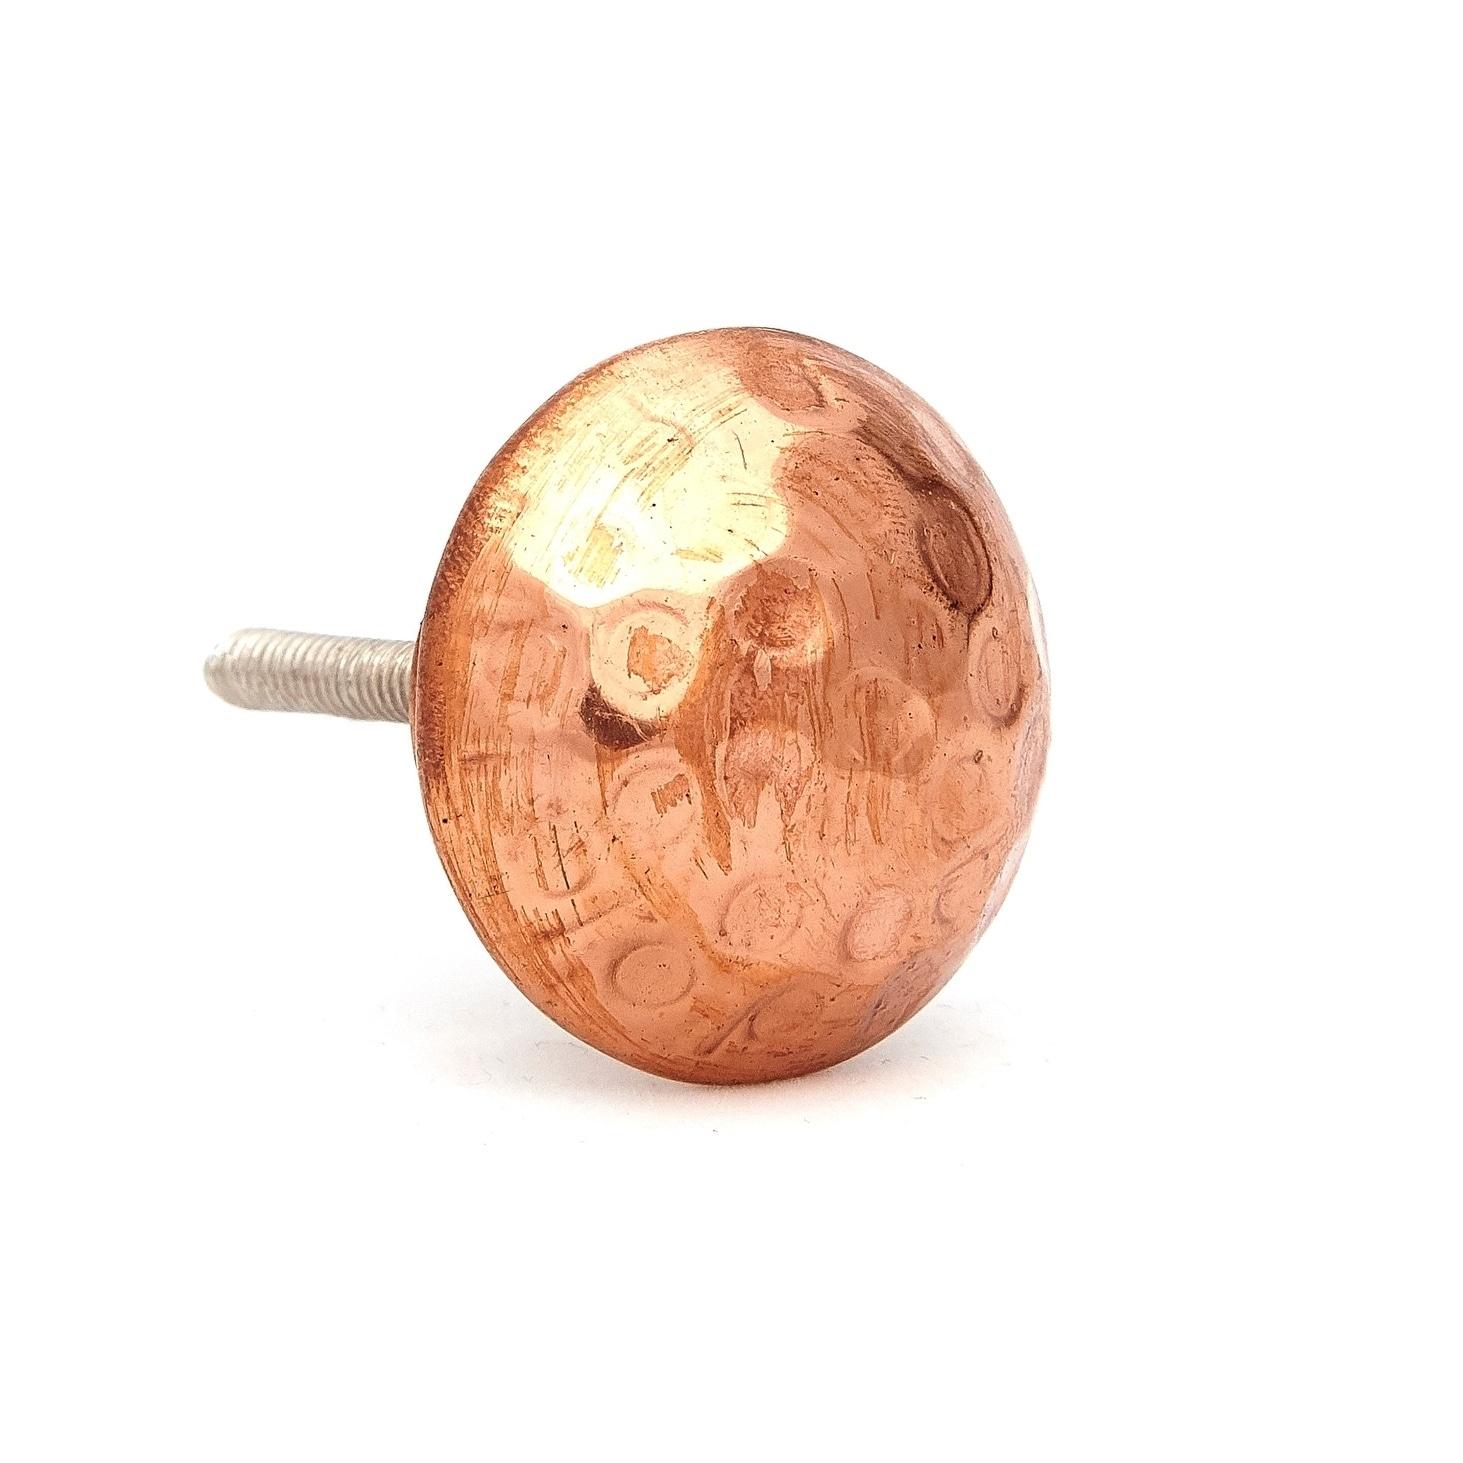 Restore Hammered Copper Round Head Drawer/Door Knob Pulls...